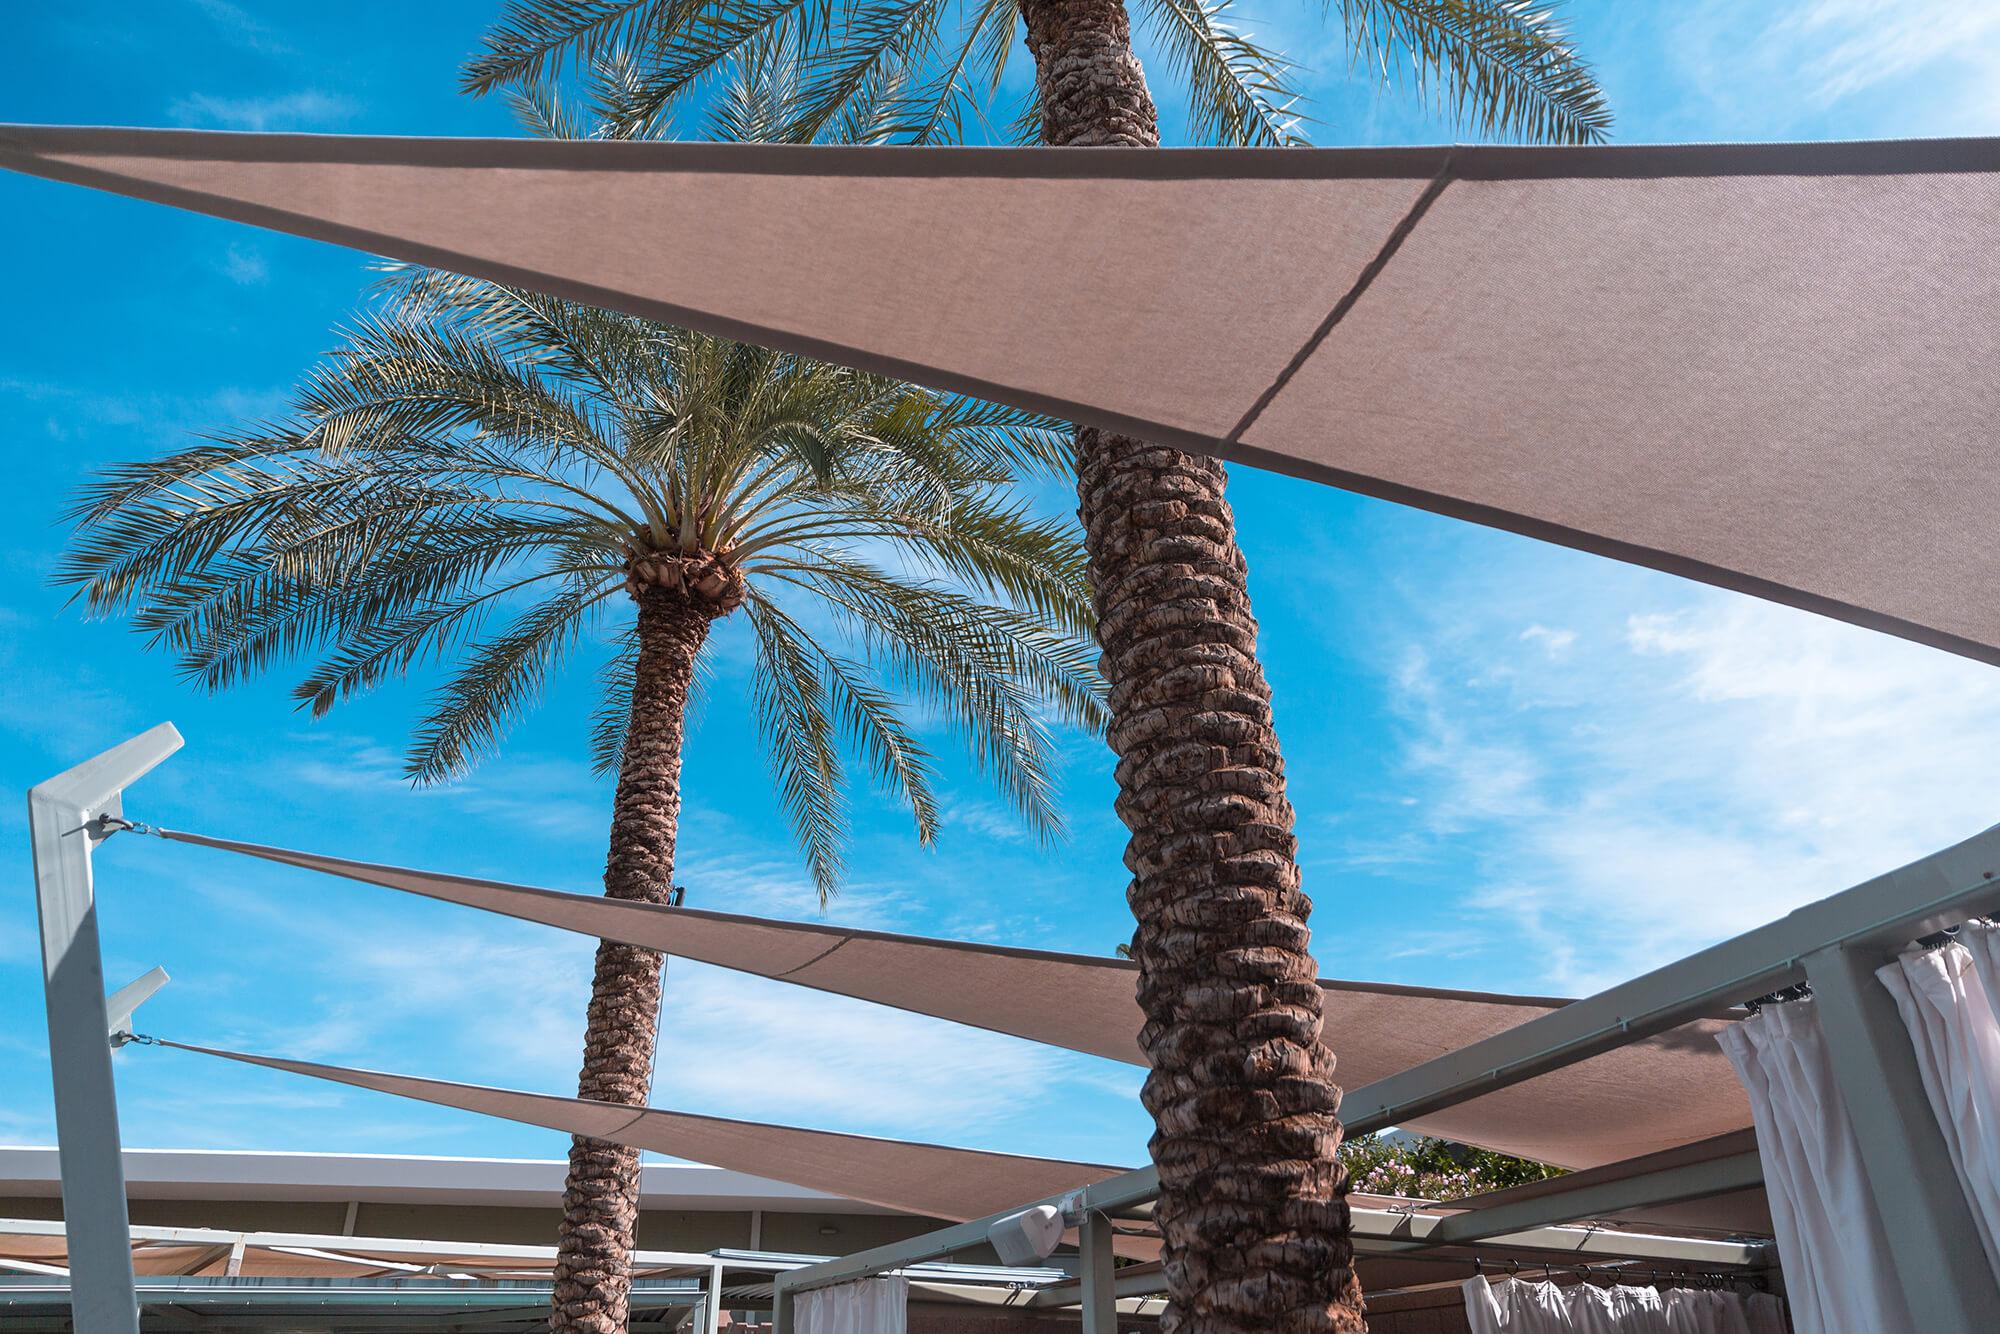 褐色 Sunbrella 仿形织物遮阳篷和背景棕榈树